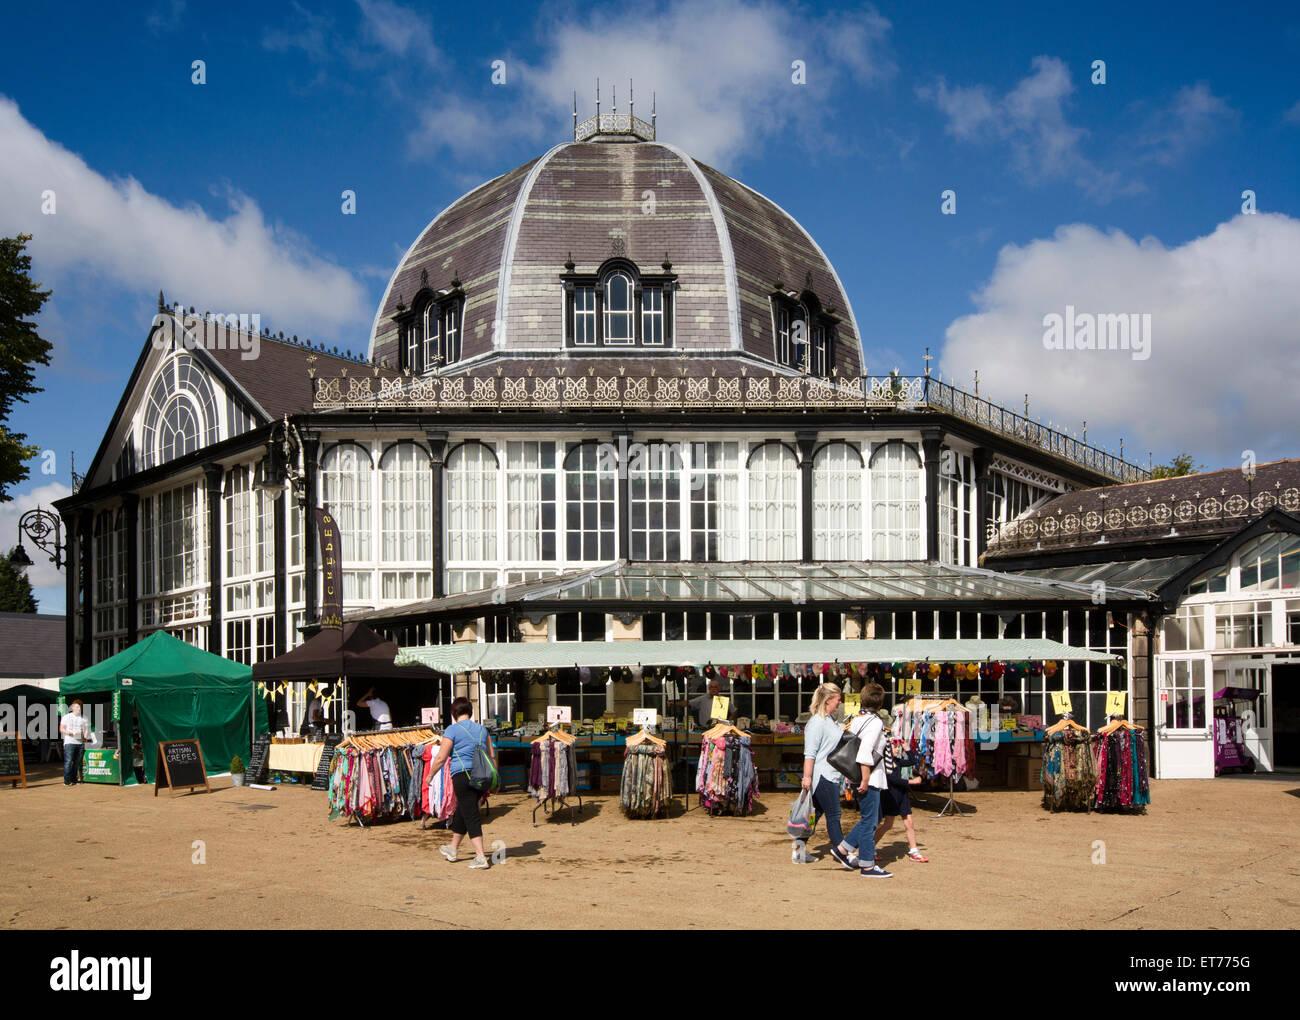 UK, England, Derbyshire, Buxton, Pavilion Gardens, Octagon - Stock Image